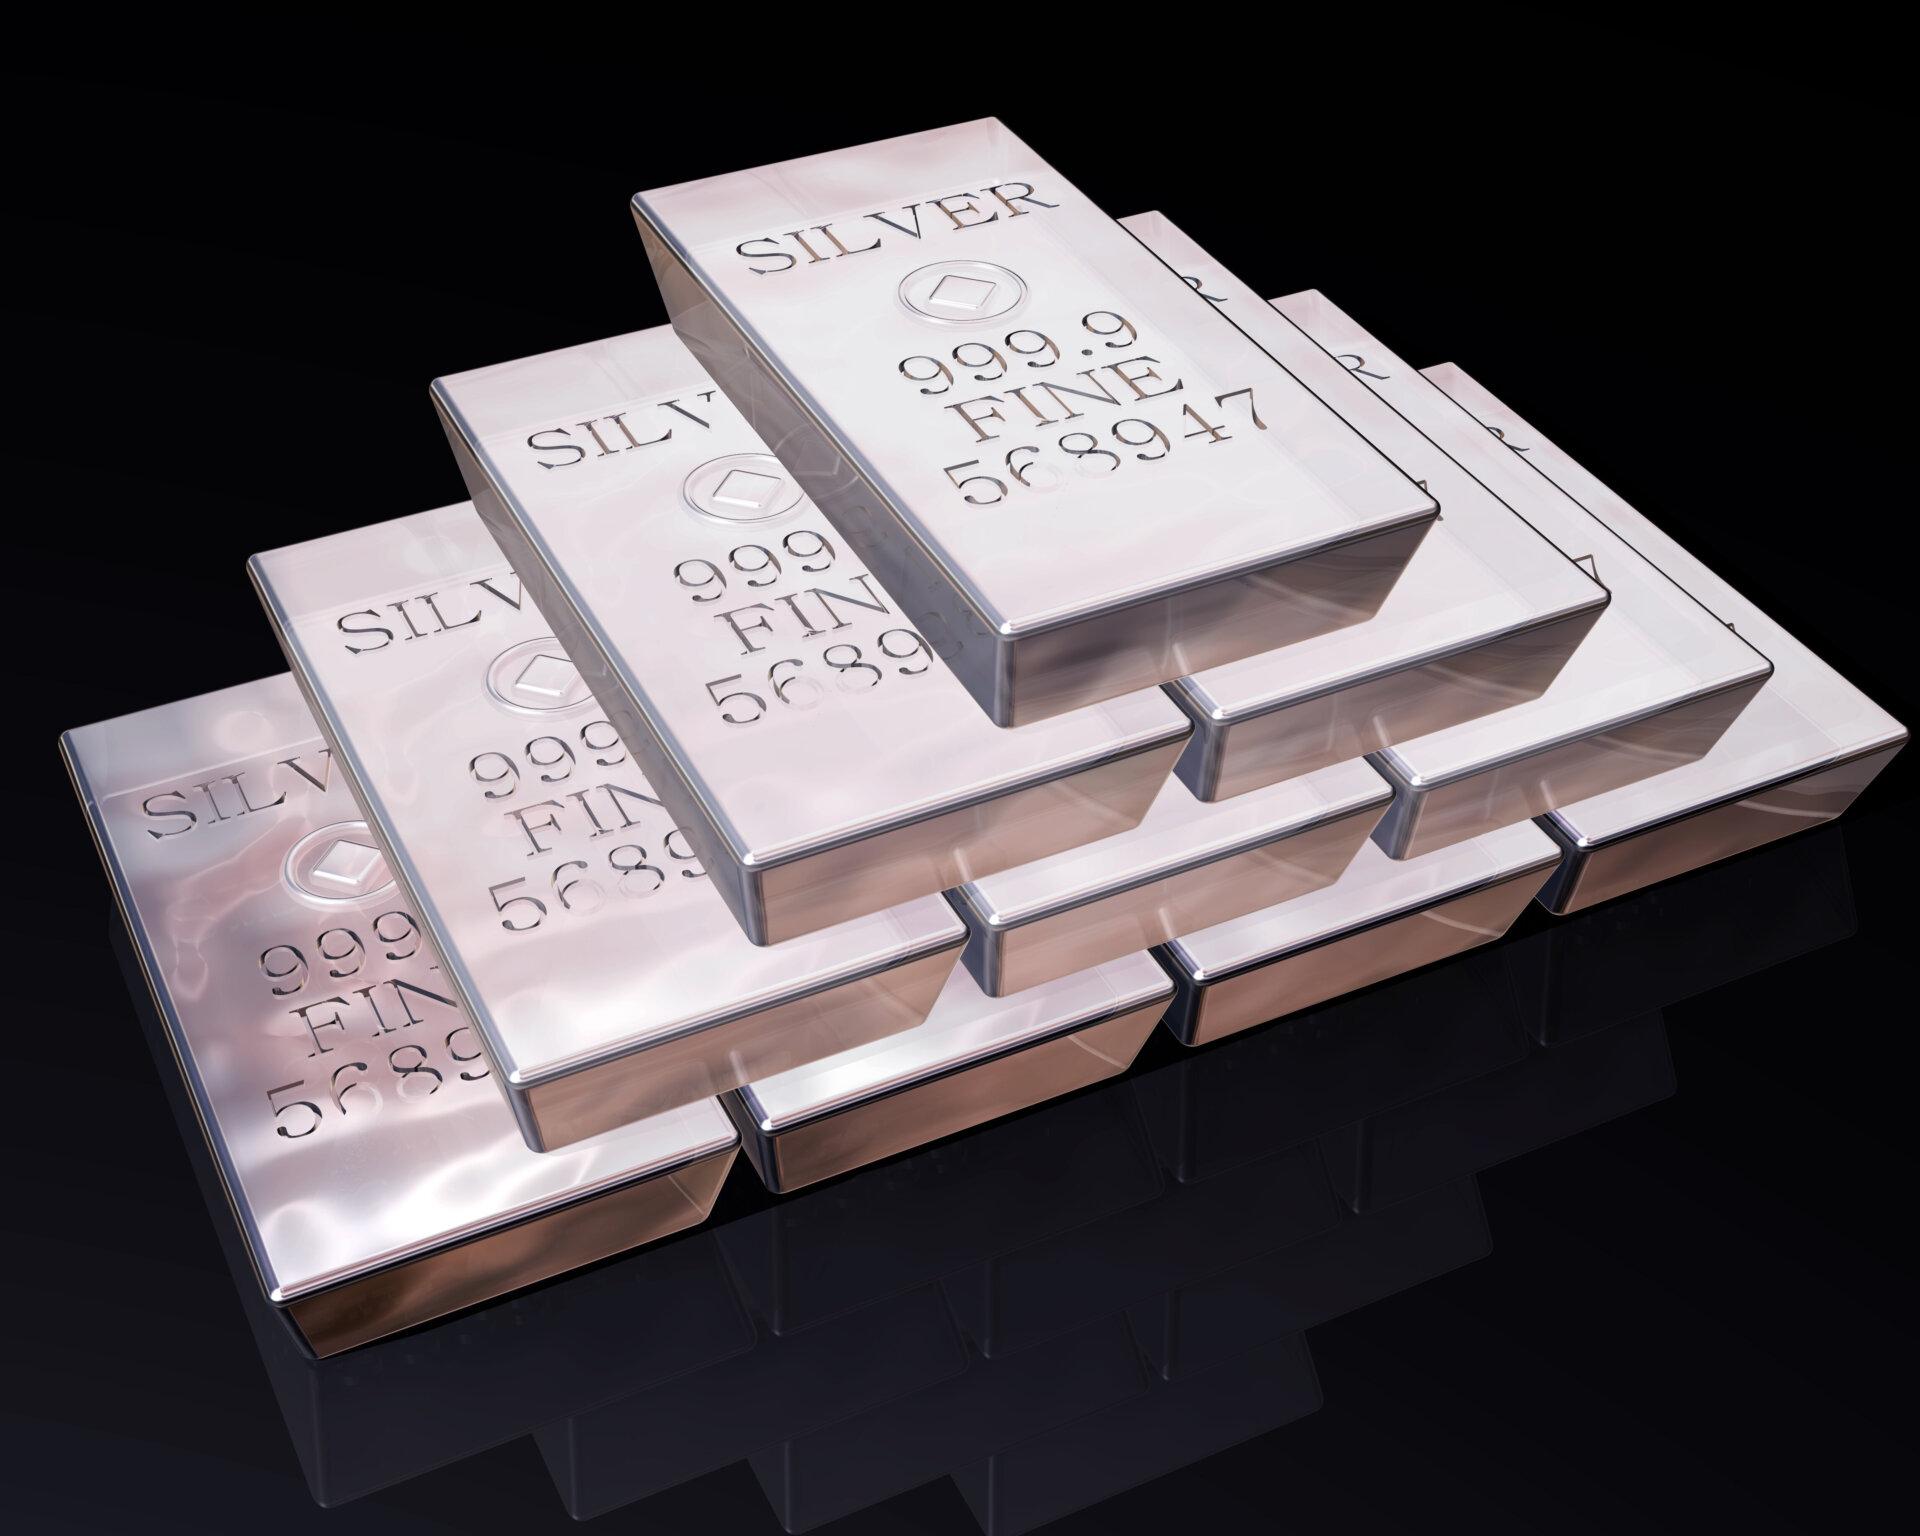 銀(シルバー)の需要が激増して高騰か!?供給不足とアメリカ造幣局が発表!